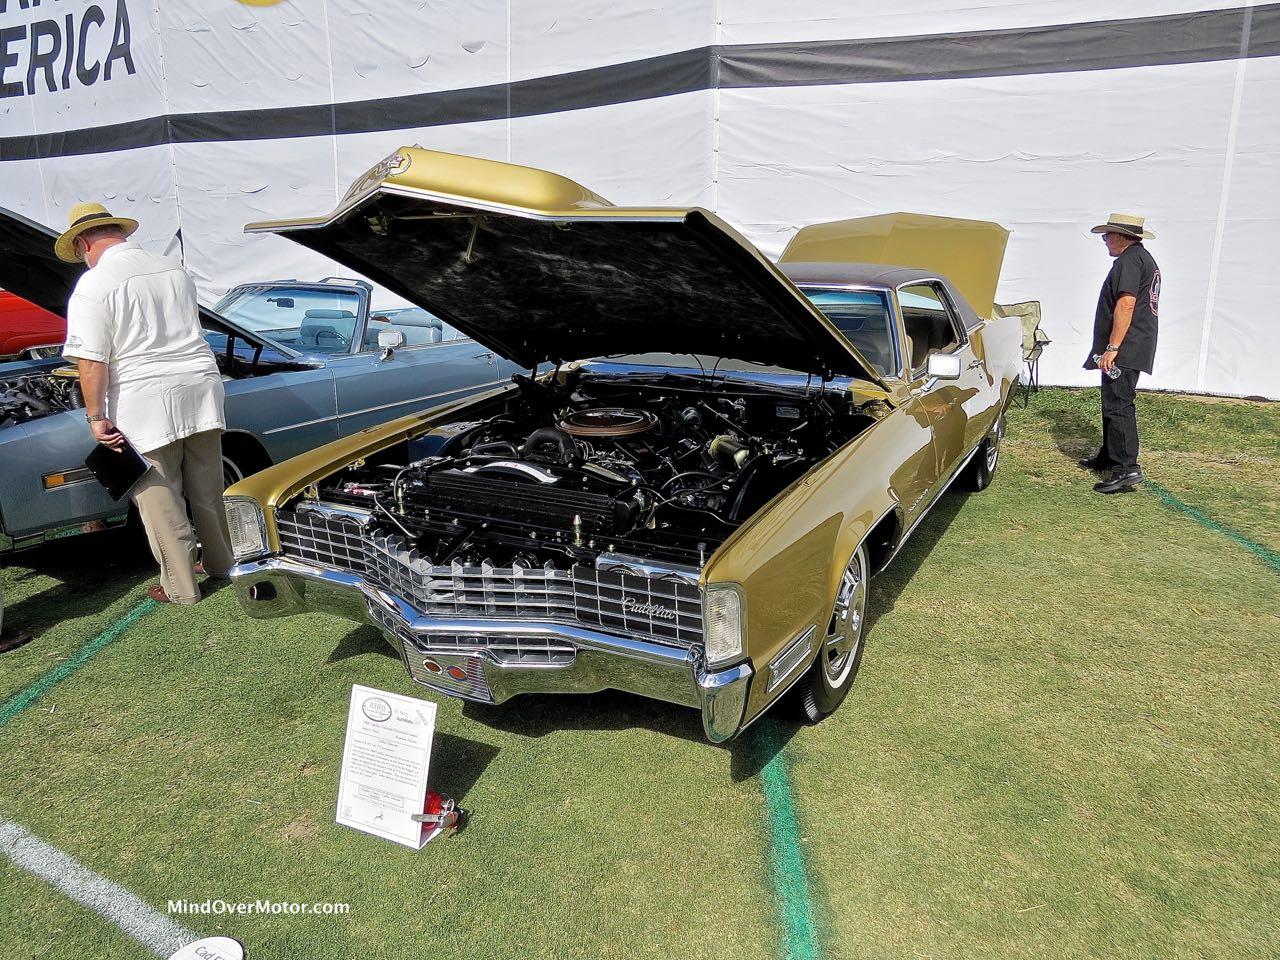 1968 Cadillac Eldorado Front